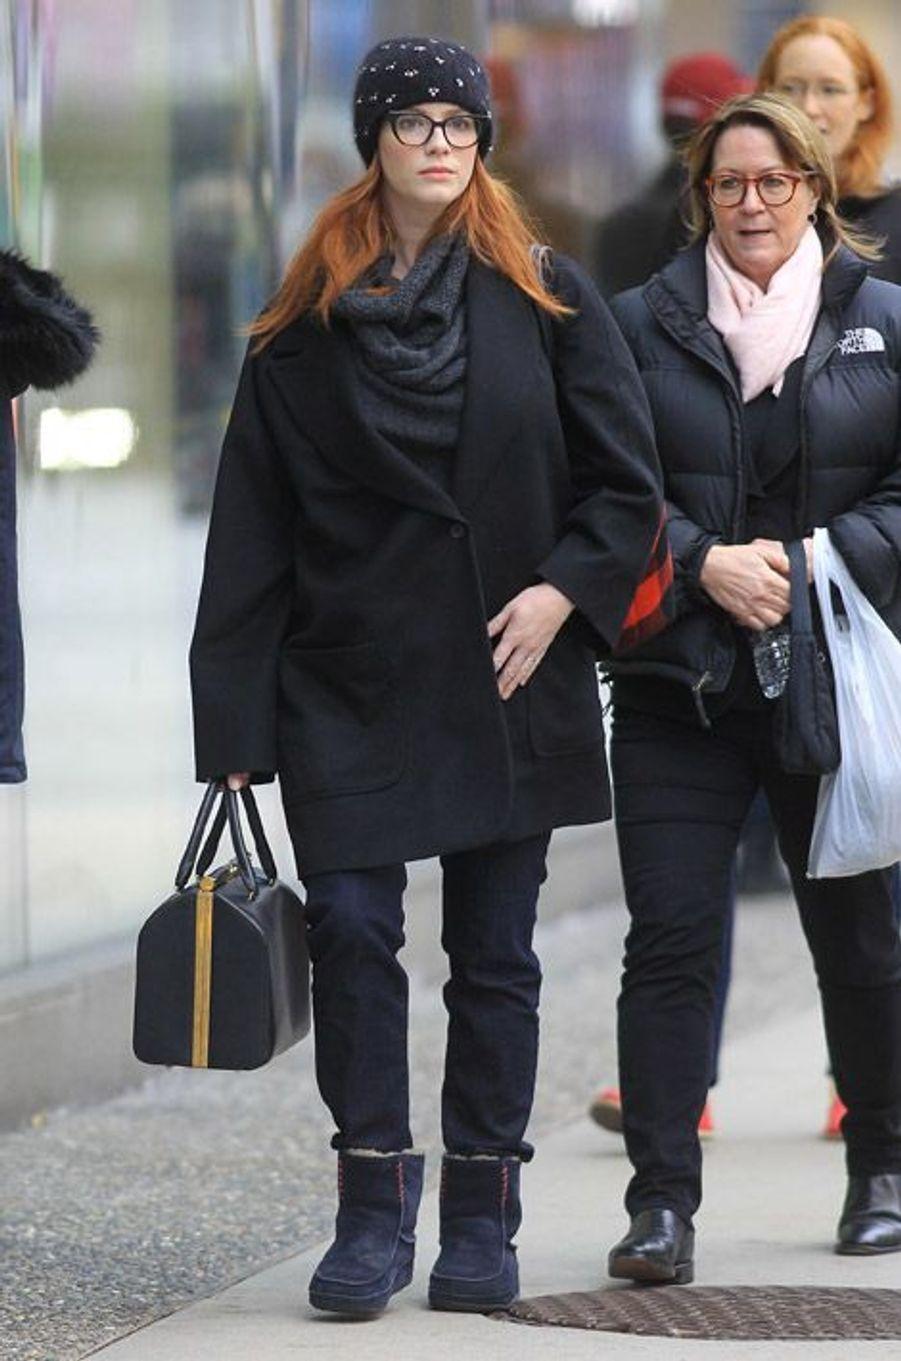 """L'actrice de la série """"Mad Men"""", Christina Hendricks, au Canada, le 17 janvier 2015"""